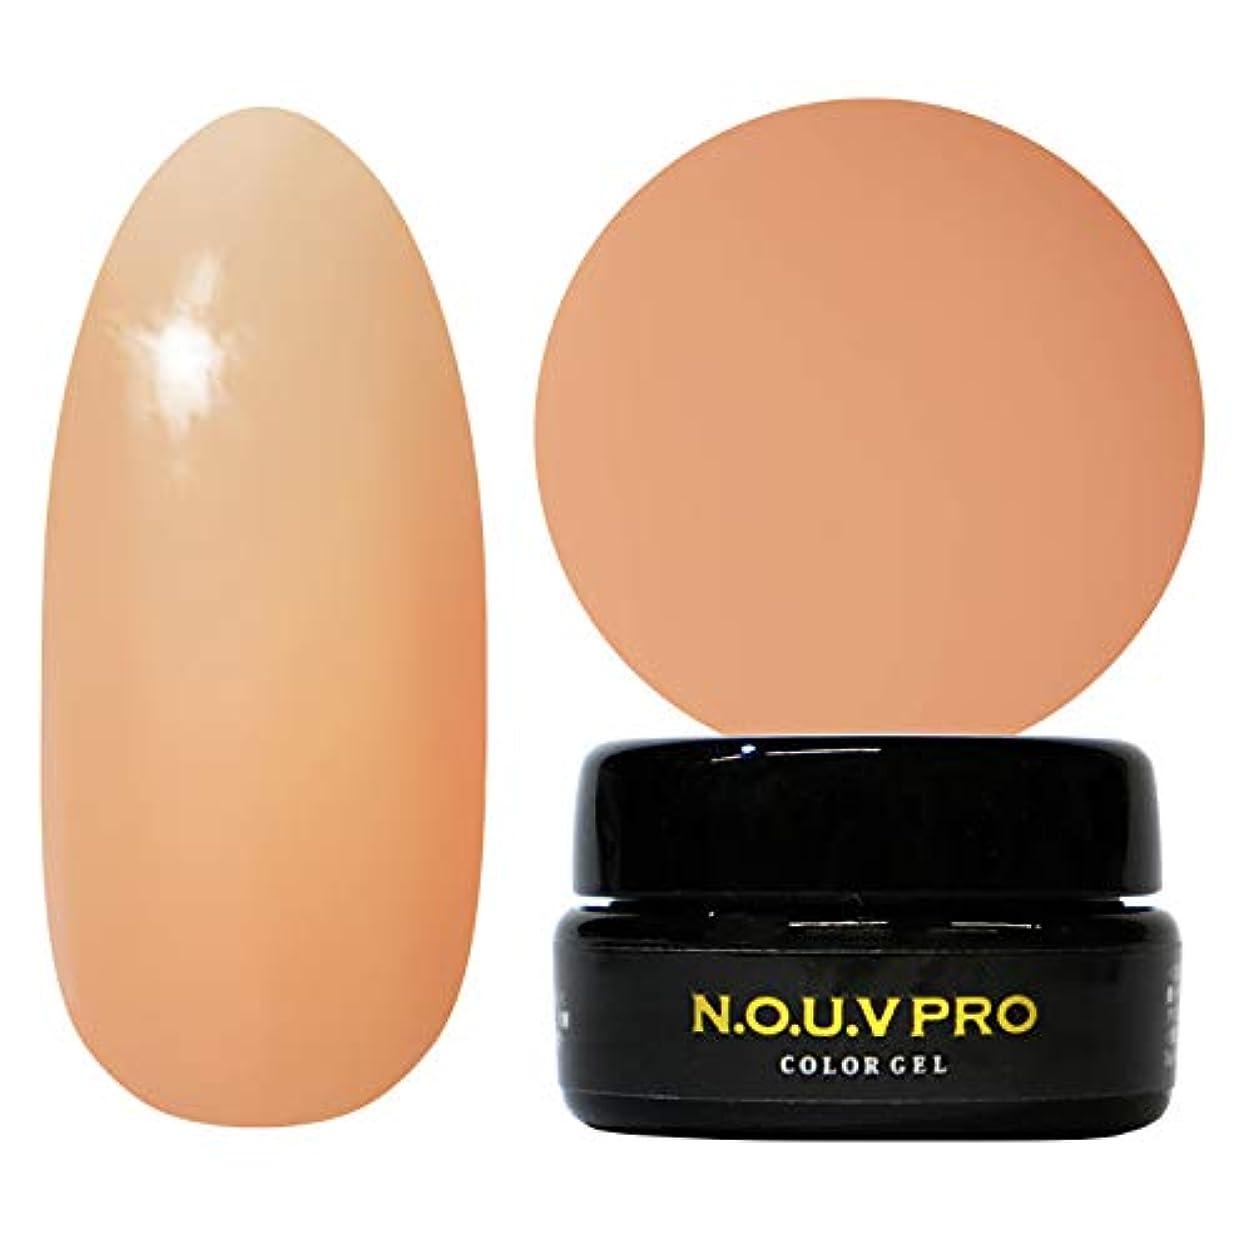 ヒューズ帽子積分NOUV Pro ノーヴプロ ジェルネイル カラージェル G03 ピーチーベージュ 4g